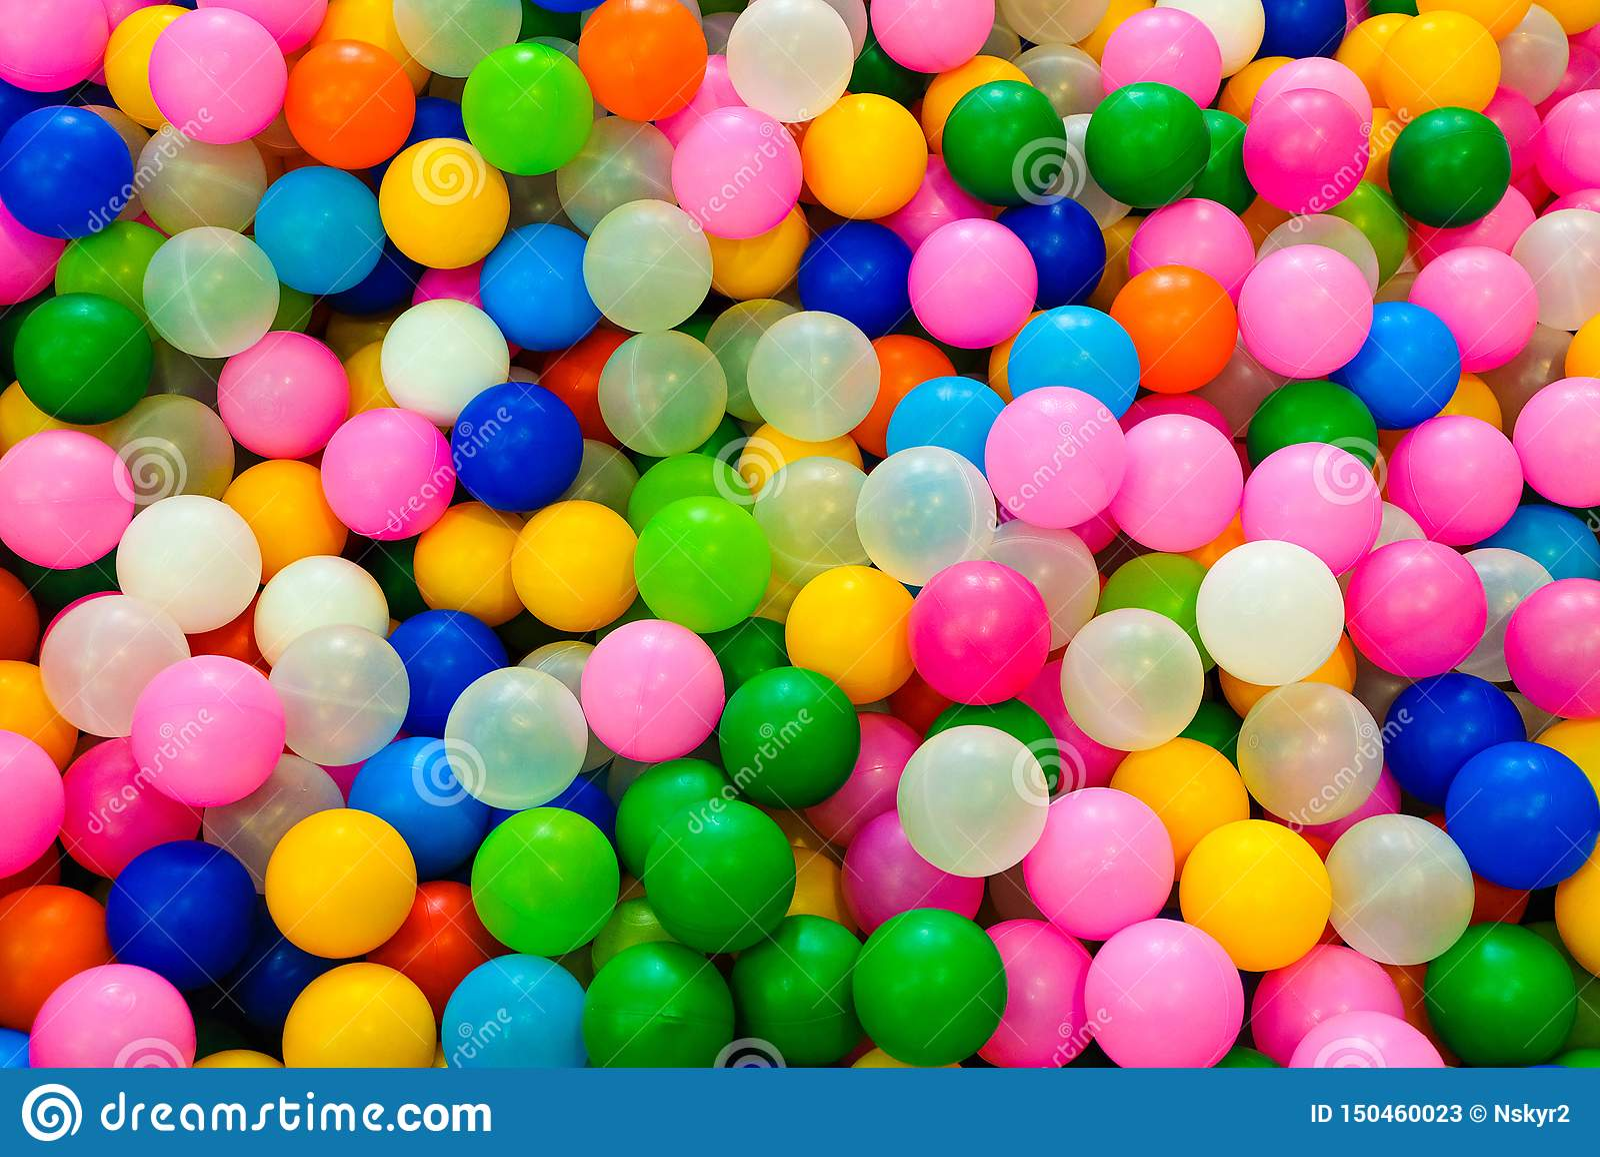 的许多色的赌博塑料球儿童游戏区域